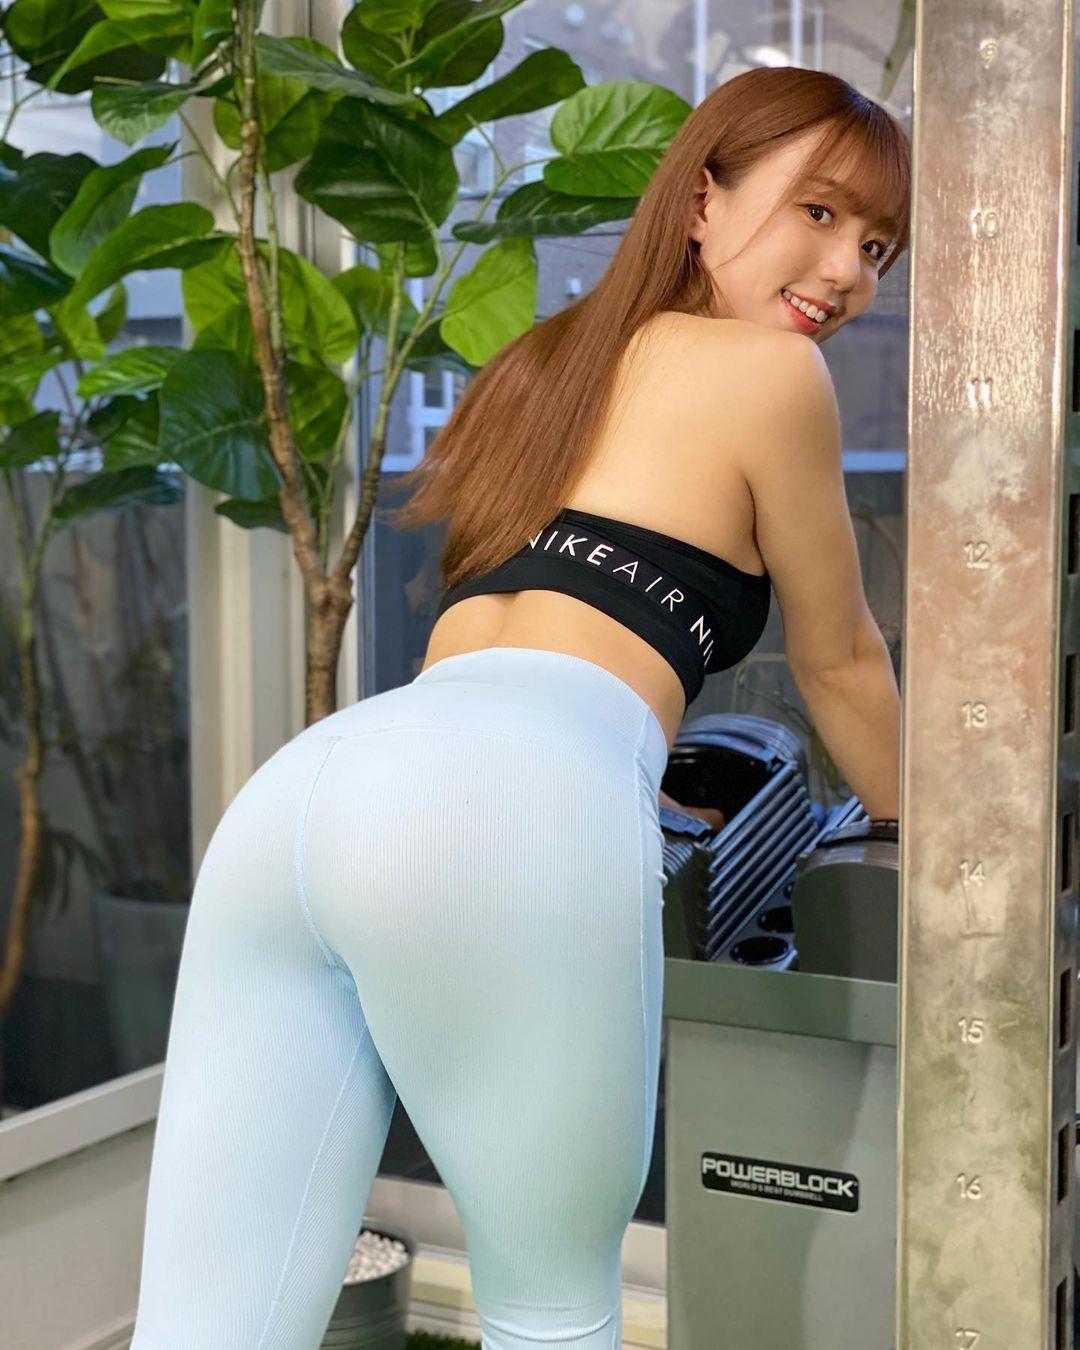 大眼天菜甜心日野麻衣超紧瑜珈裤美臀完美凸显 养眼图片 第6张